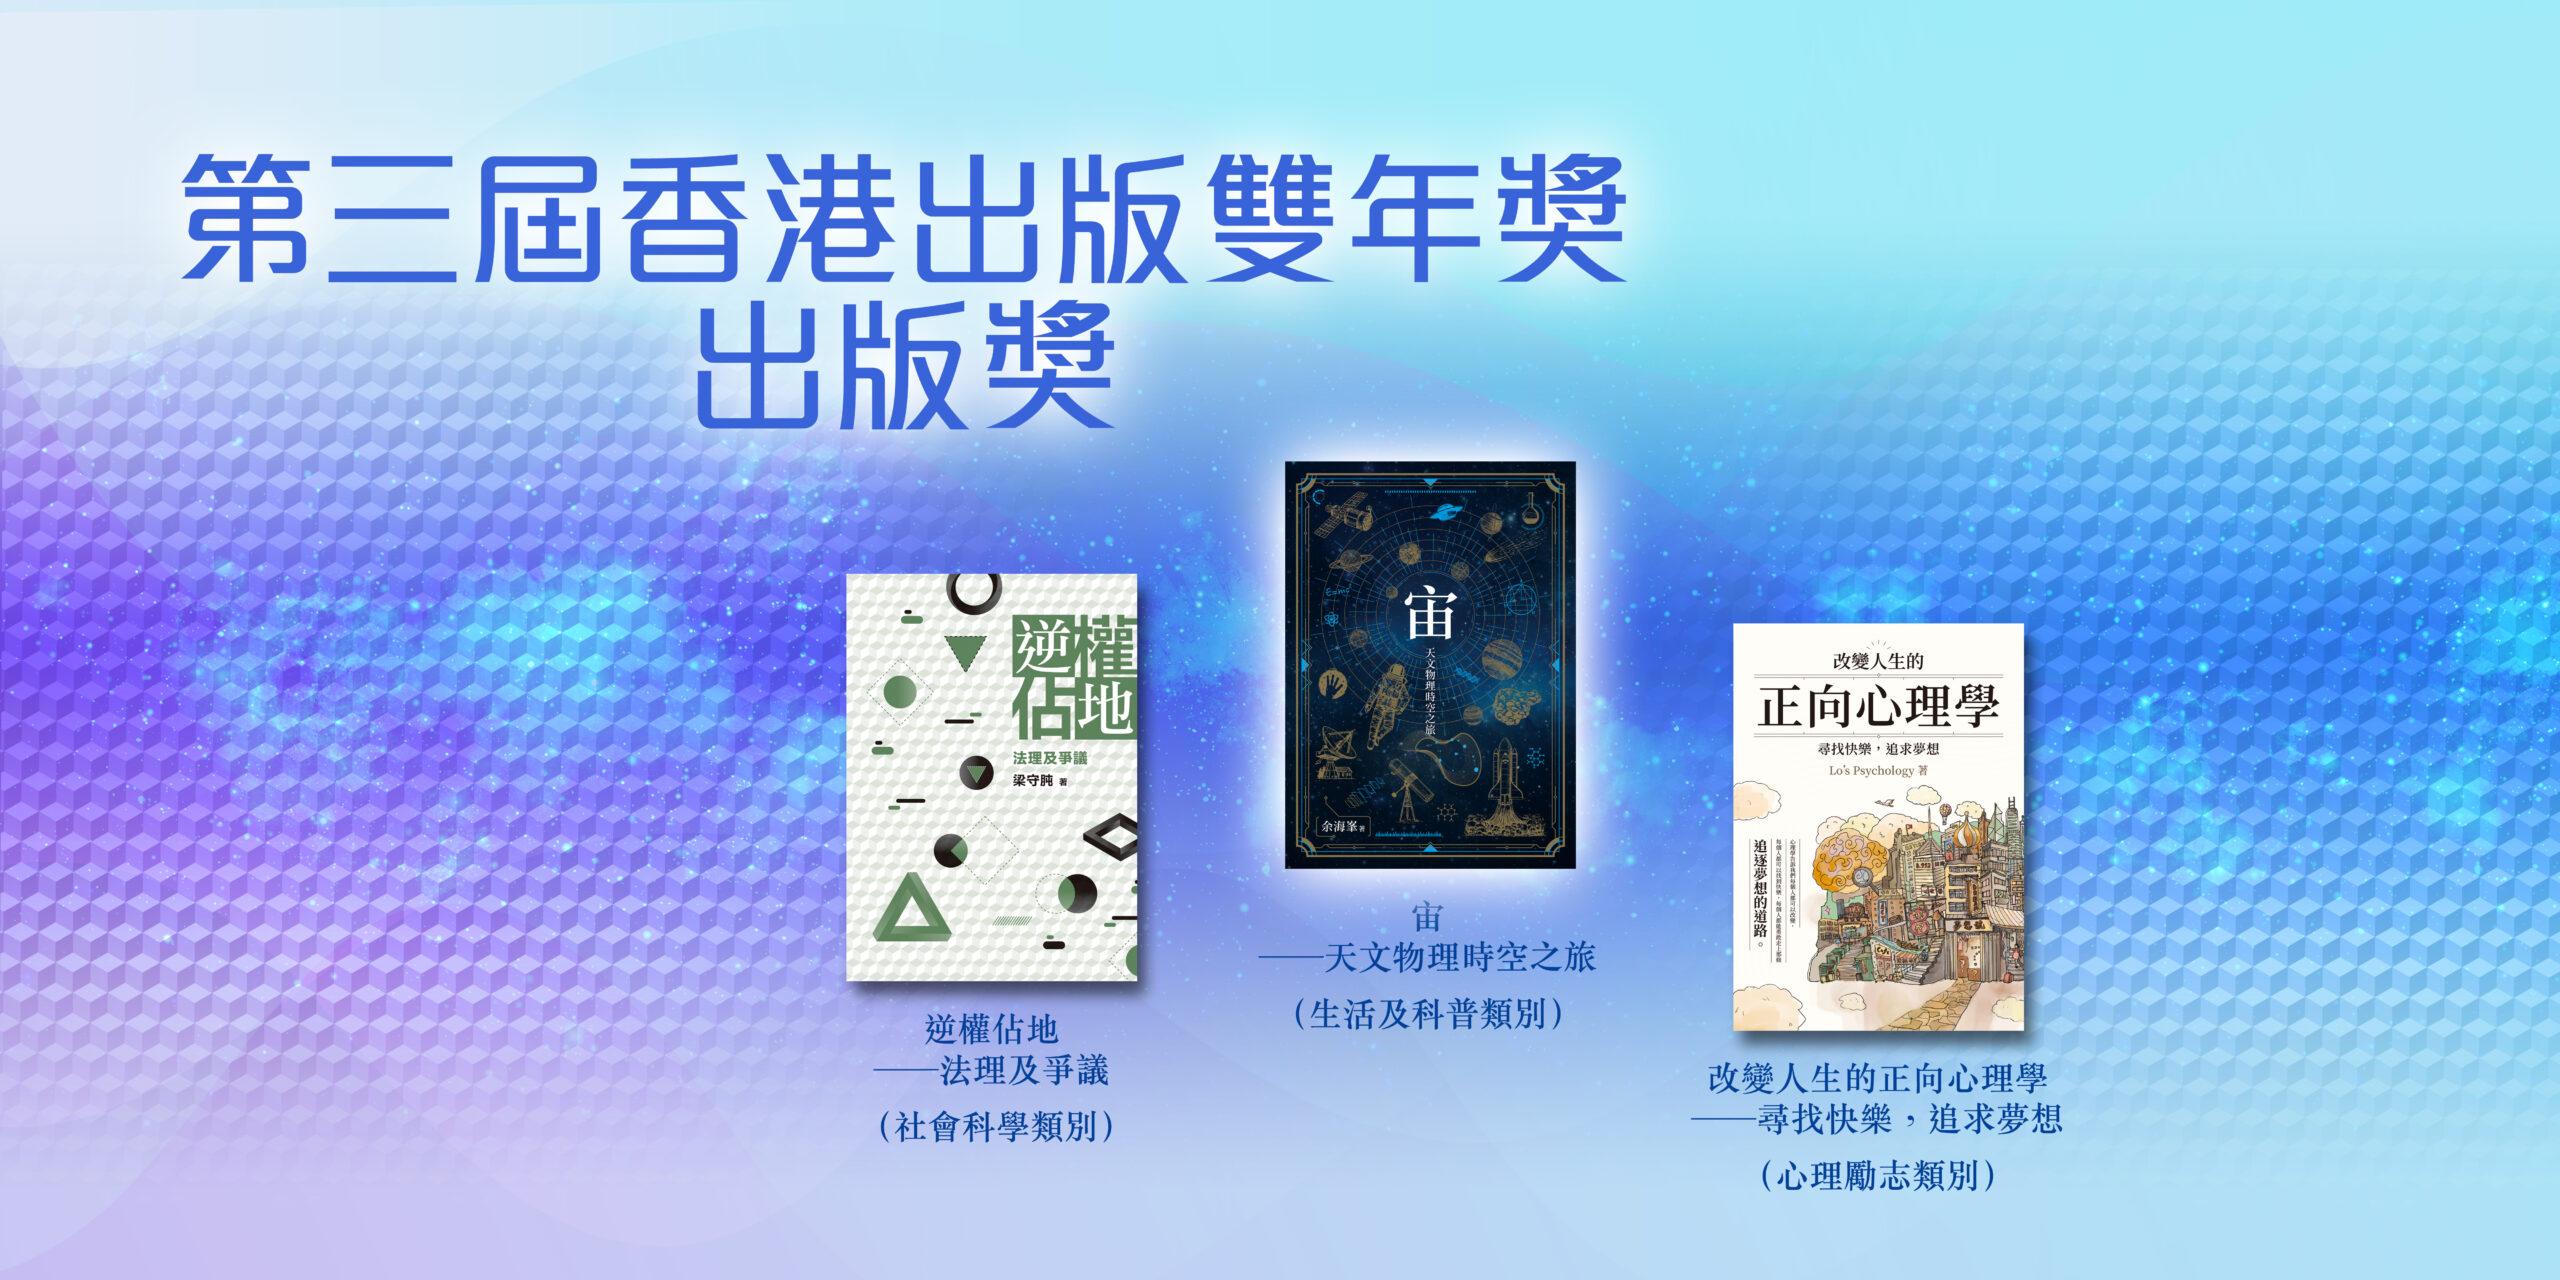 第三屆「香港出版雙年獎」出版獎